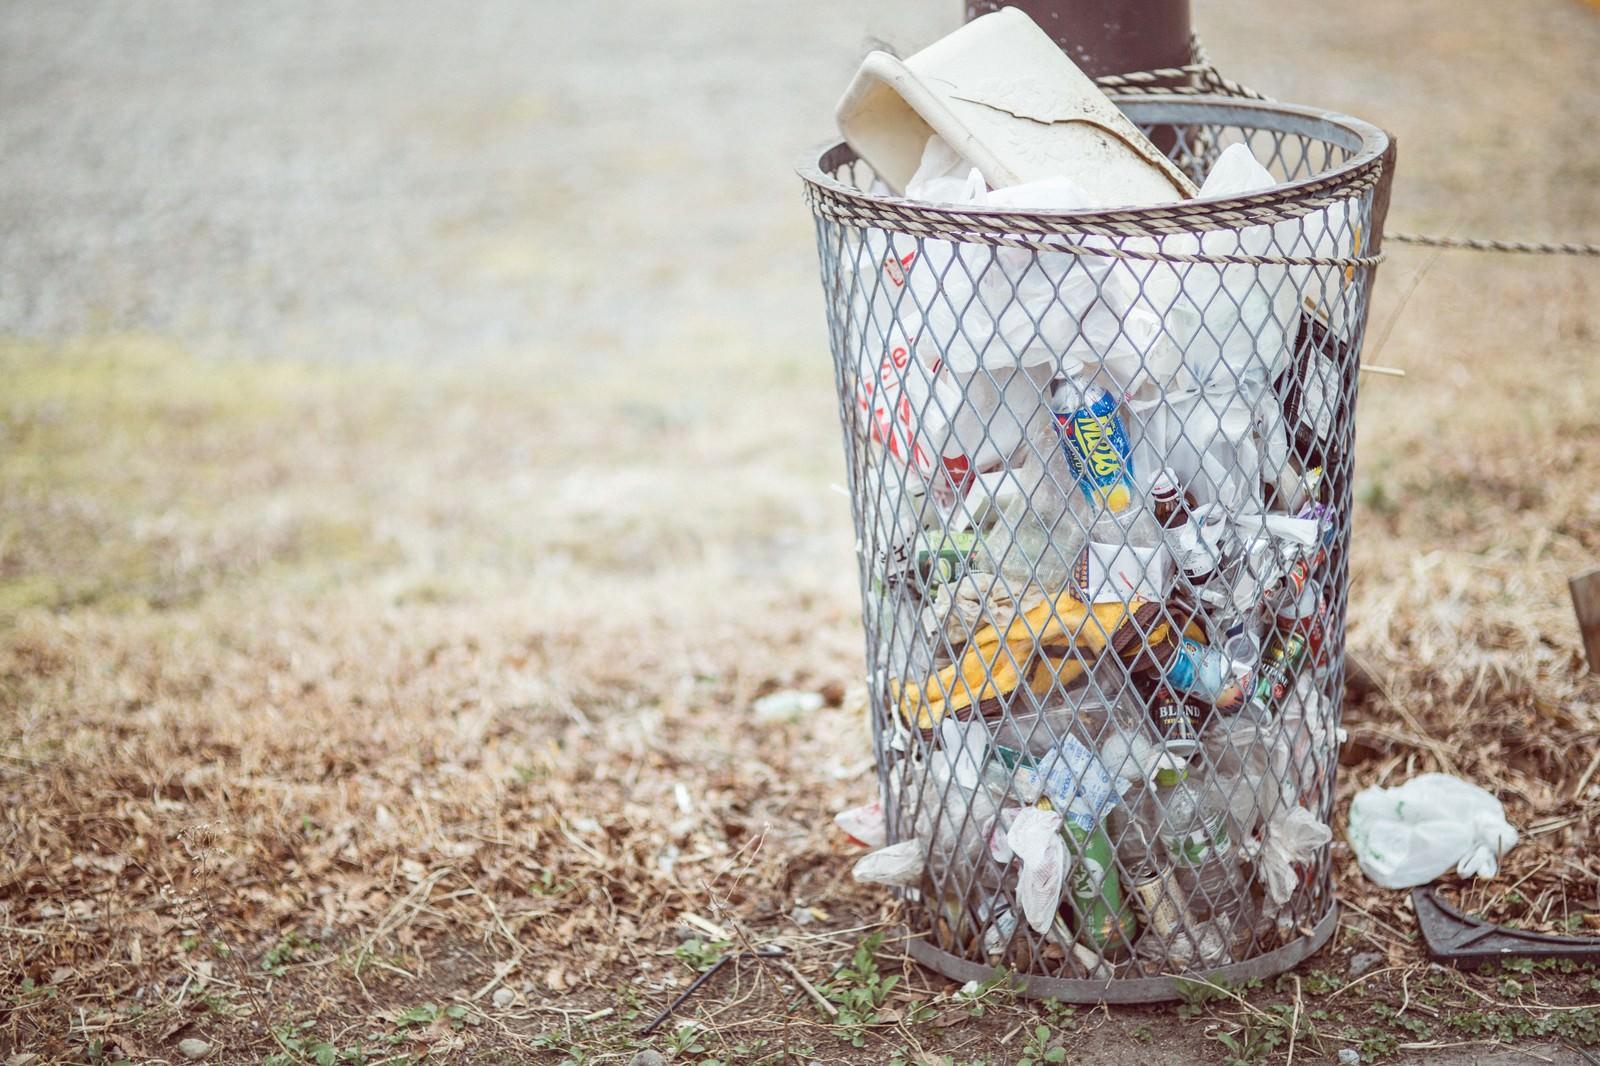 「回収されないゴミ箱」の写真